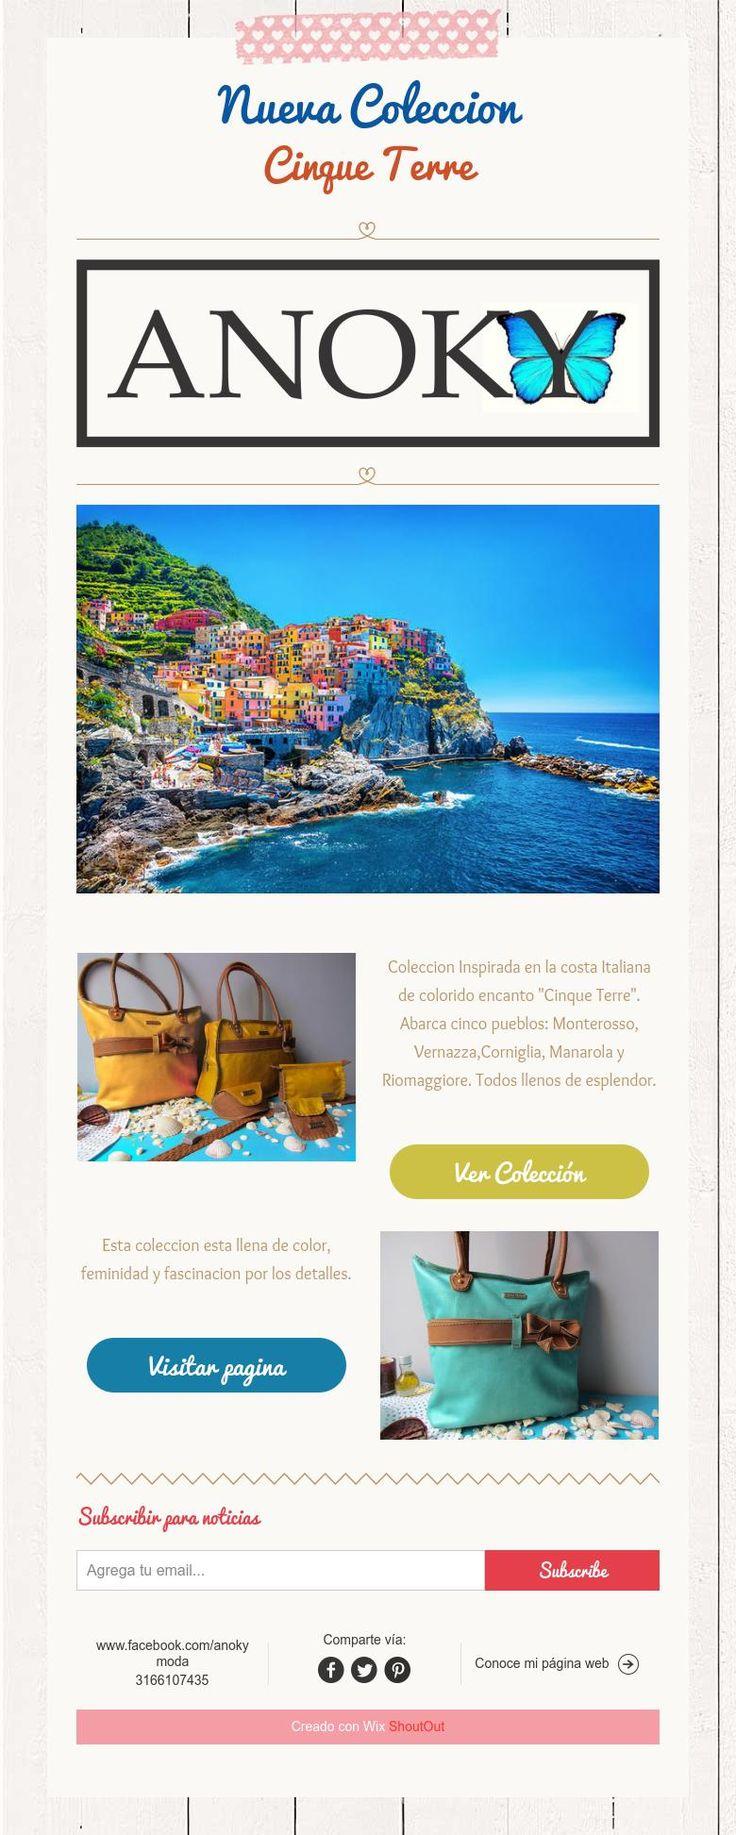 Nueva Coleccion  Cinque Terre